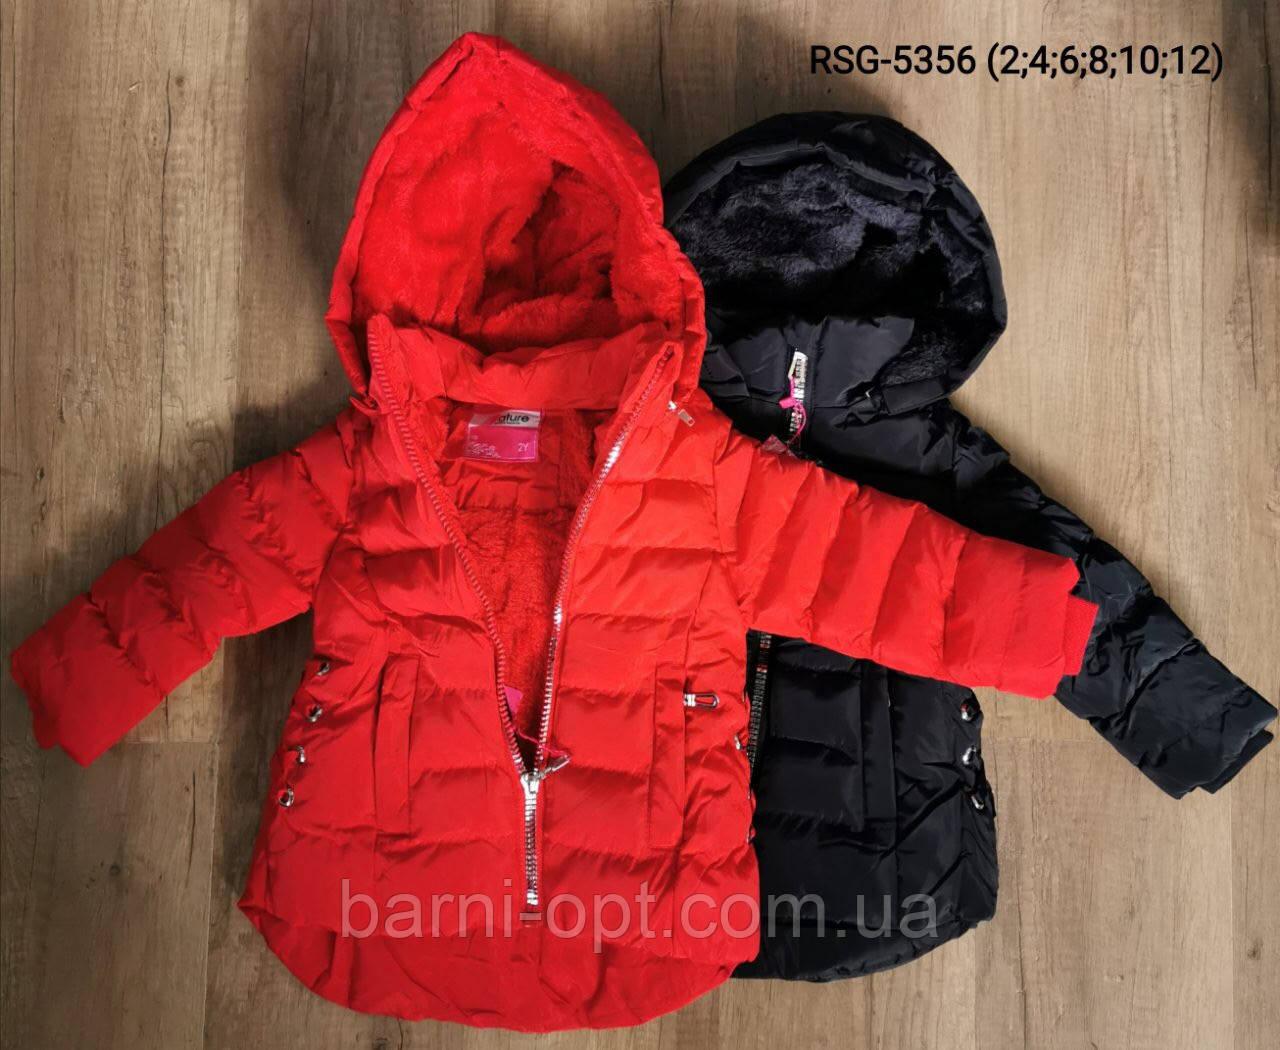 Куртки зимние на девочек, Nature, 2, 10 лет